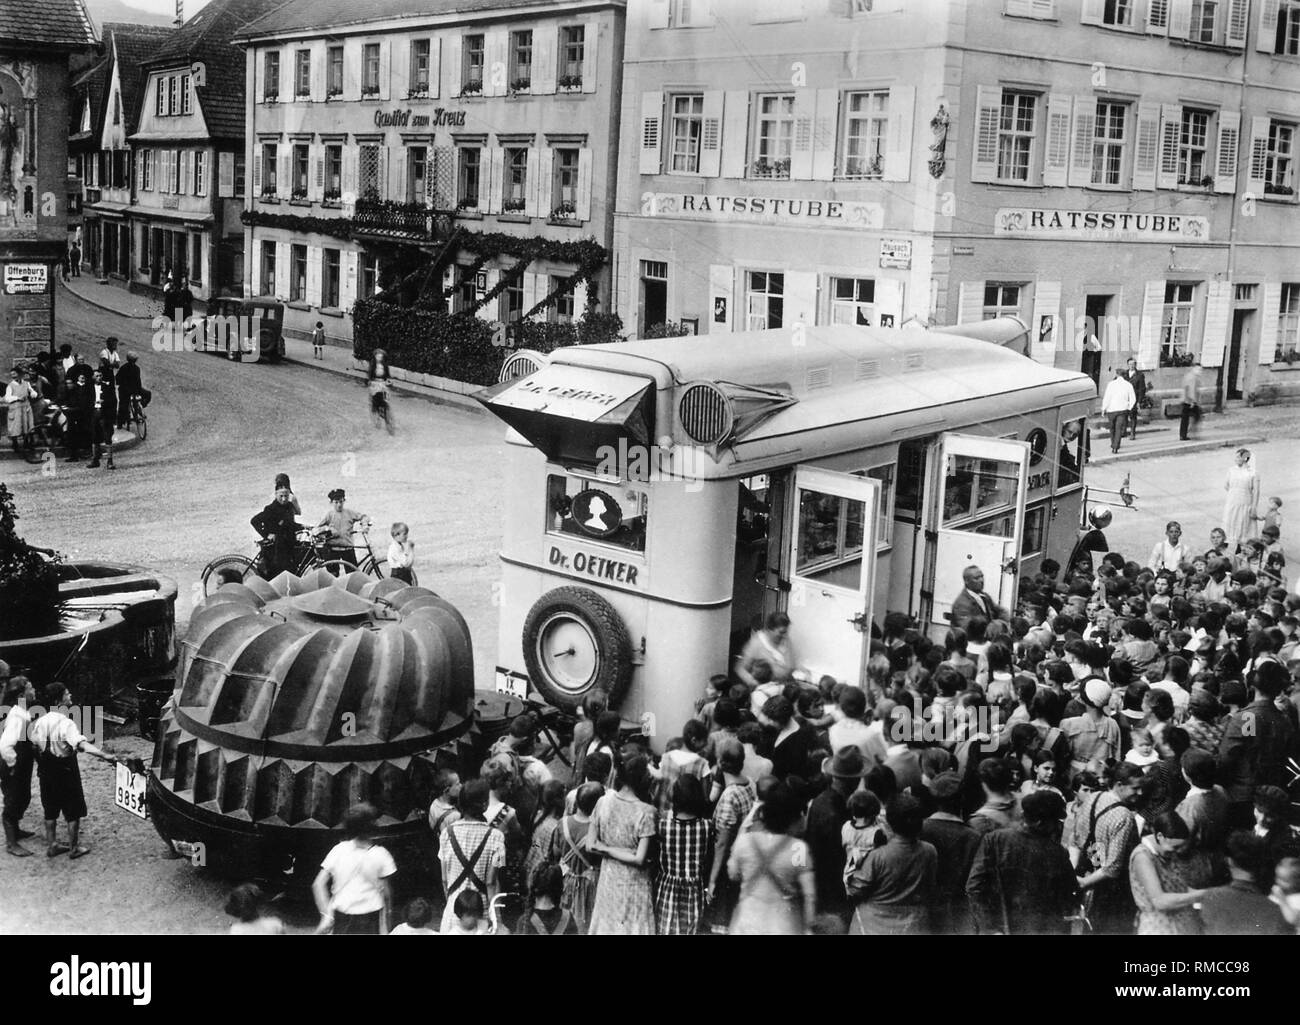 Cuando no existía la publicidad por radio y televisión, anuncios tuvo que hacerse localmente: En la década del 30 del siglo pasado Oetker envió su rolling panaderías en todo el país. Altavoz contemporáneo atrajo las llamadas de clientes, seguramente también porque uno puede probar las galletas recién horneadas inmediatamente. El enorme pastel-pan (para un 'Gugelhupf') en el remolque contenía una sensación técnica de aquel tiempo. Había un generador que suministraba electricidad a la cocción demostraciones. Imagen De Stock